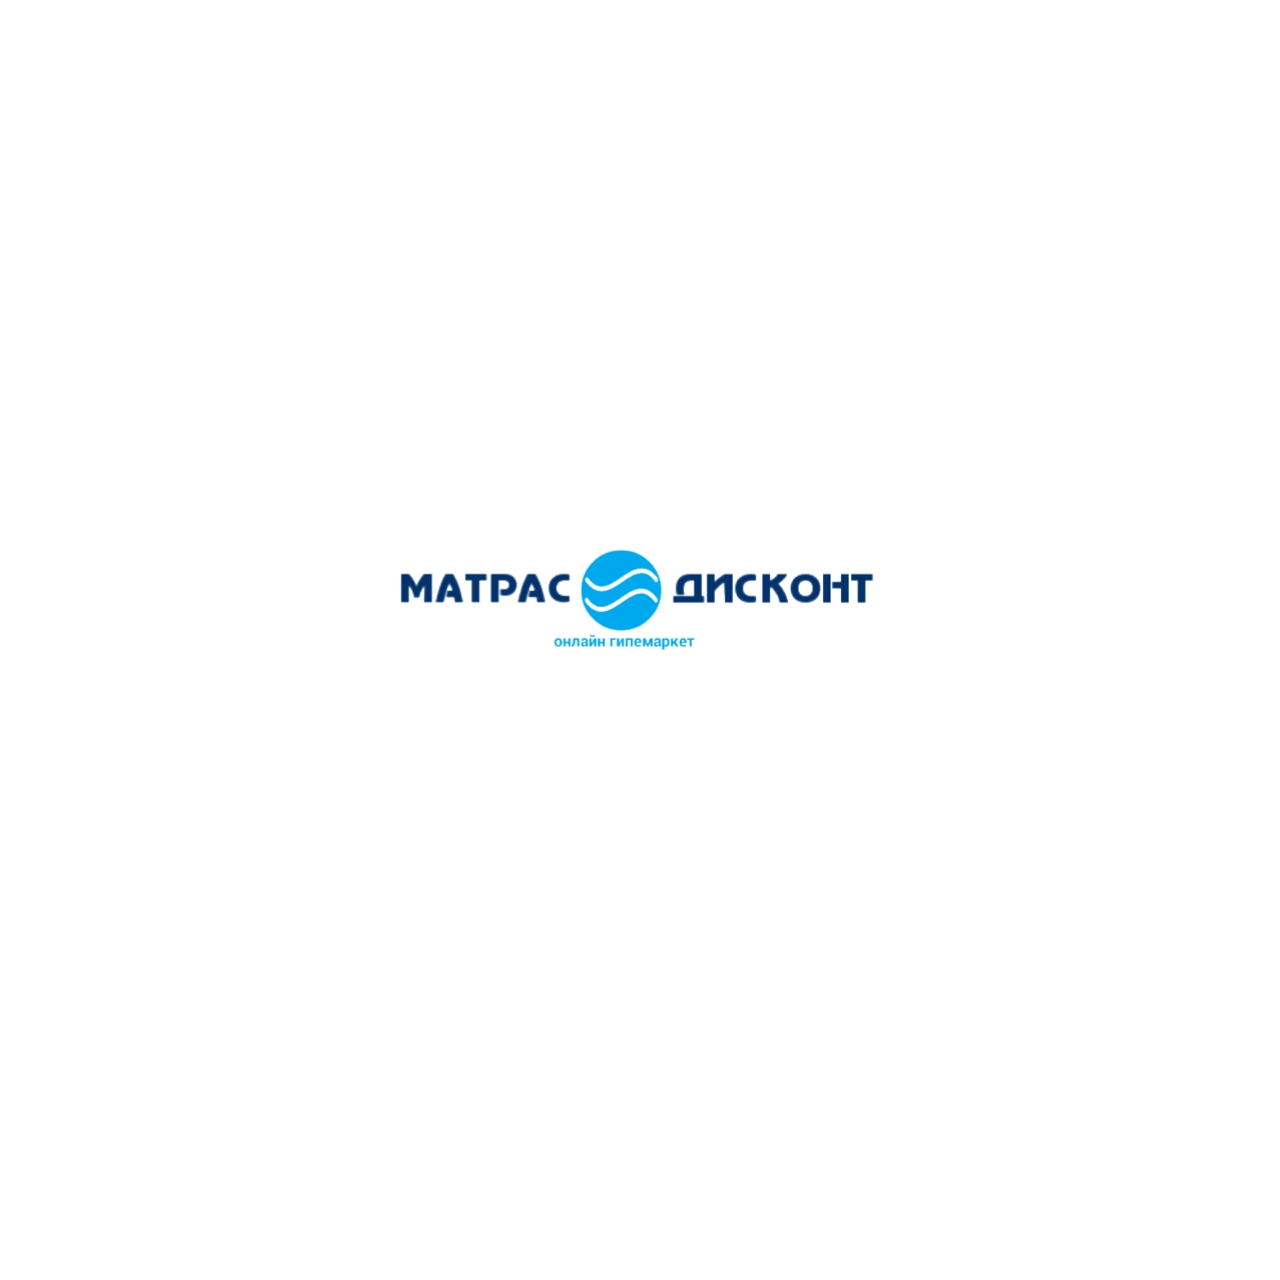 Логотип для ИМ матрасов фото f_8145c880395deb0a.jpg